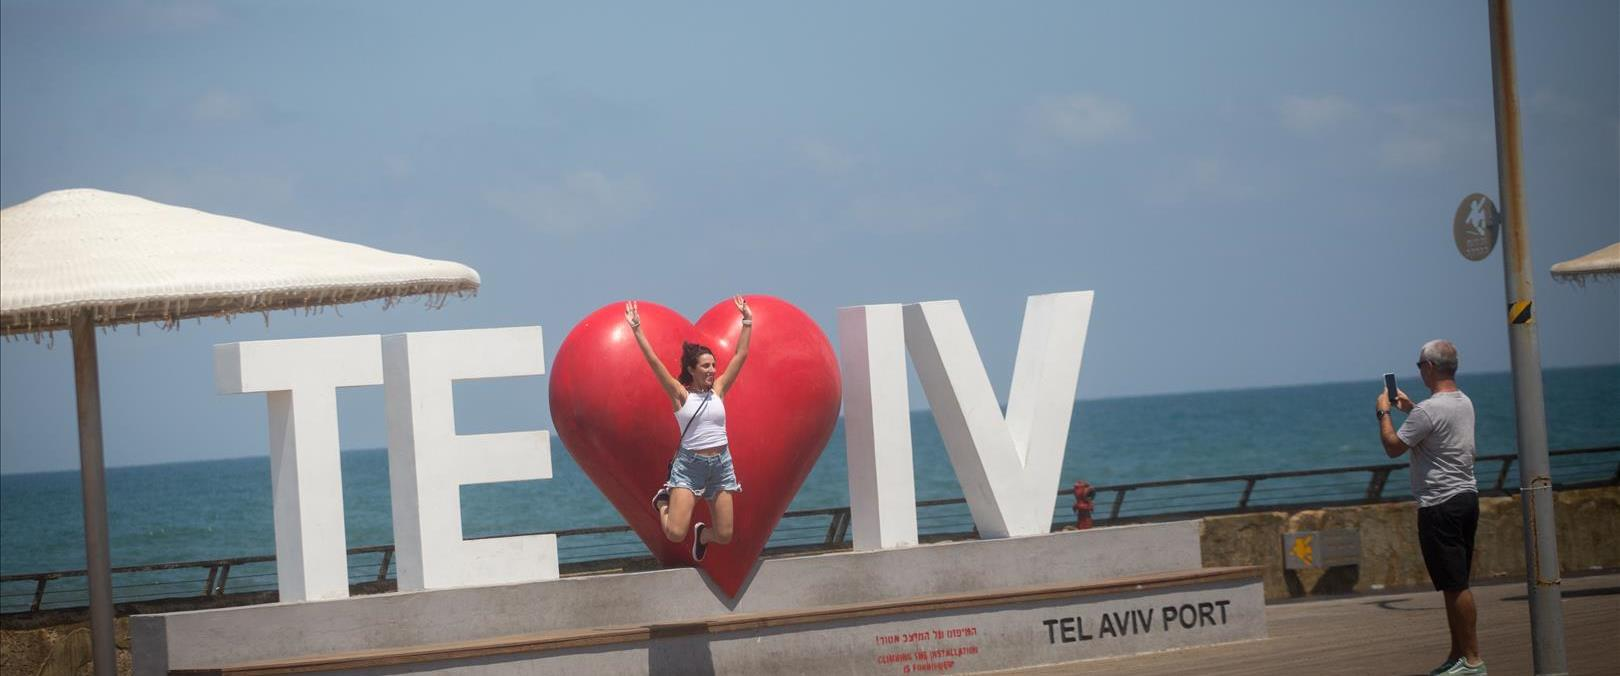 Tel Aviv-Yafo dans la liste des 10 meilleures villes du monde